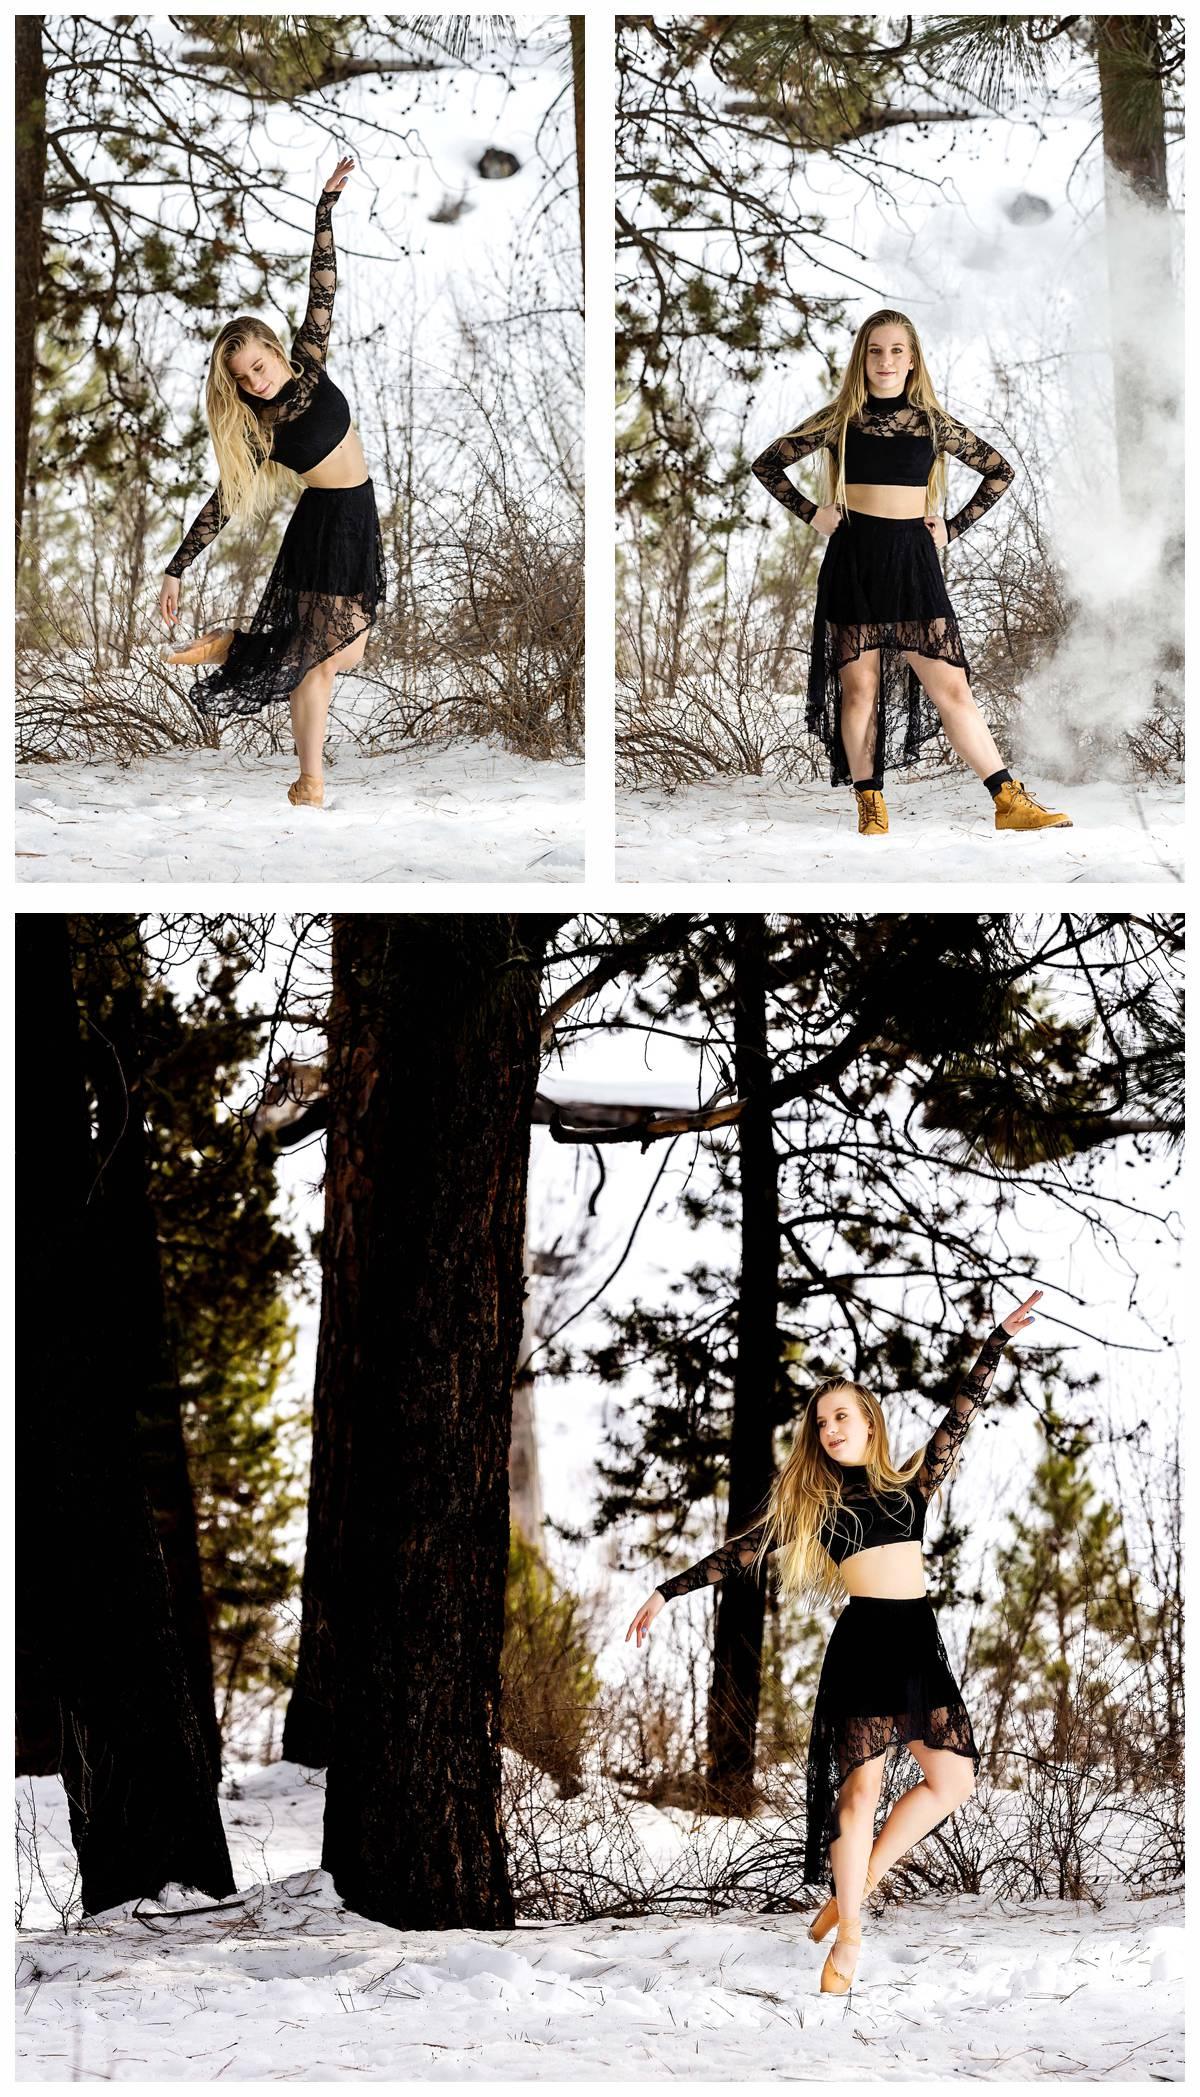 shevlin park ballerinas 2.jpg